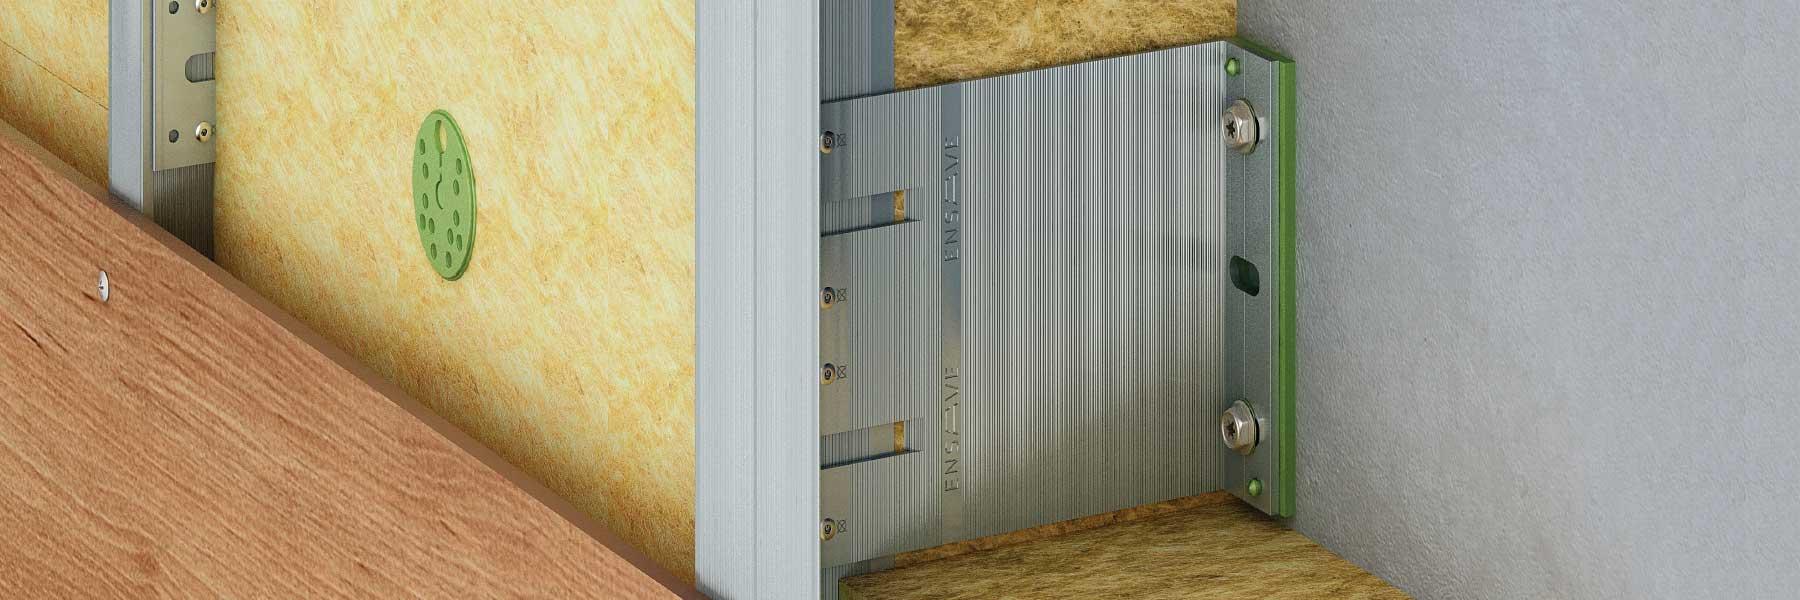 Slider ENSAVE Heavy System Unterkonstruktion Kaufen Detail Fassadensystem Dämmung Montage